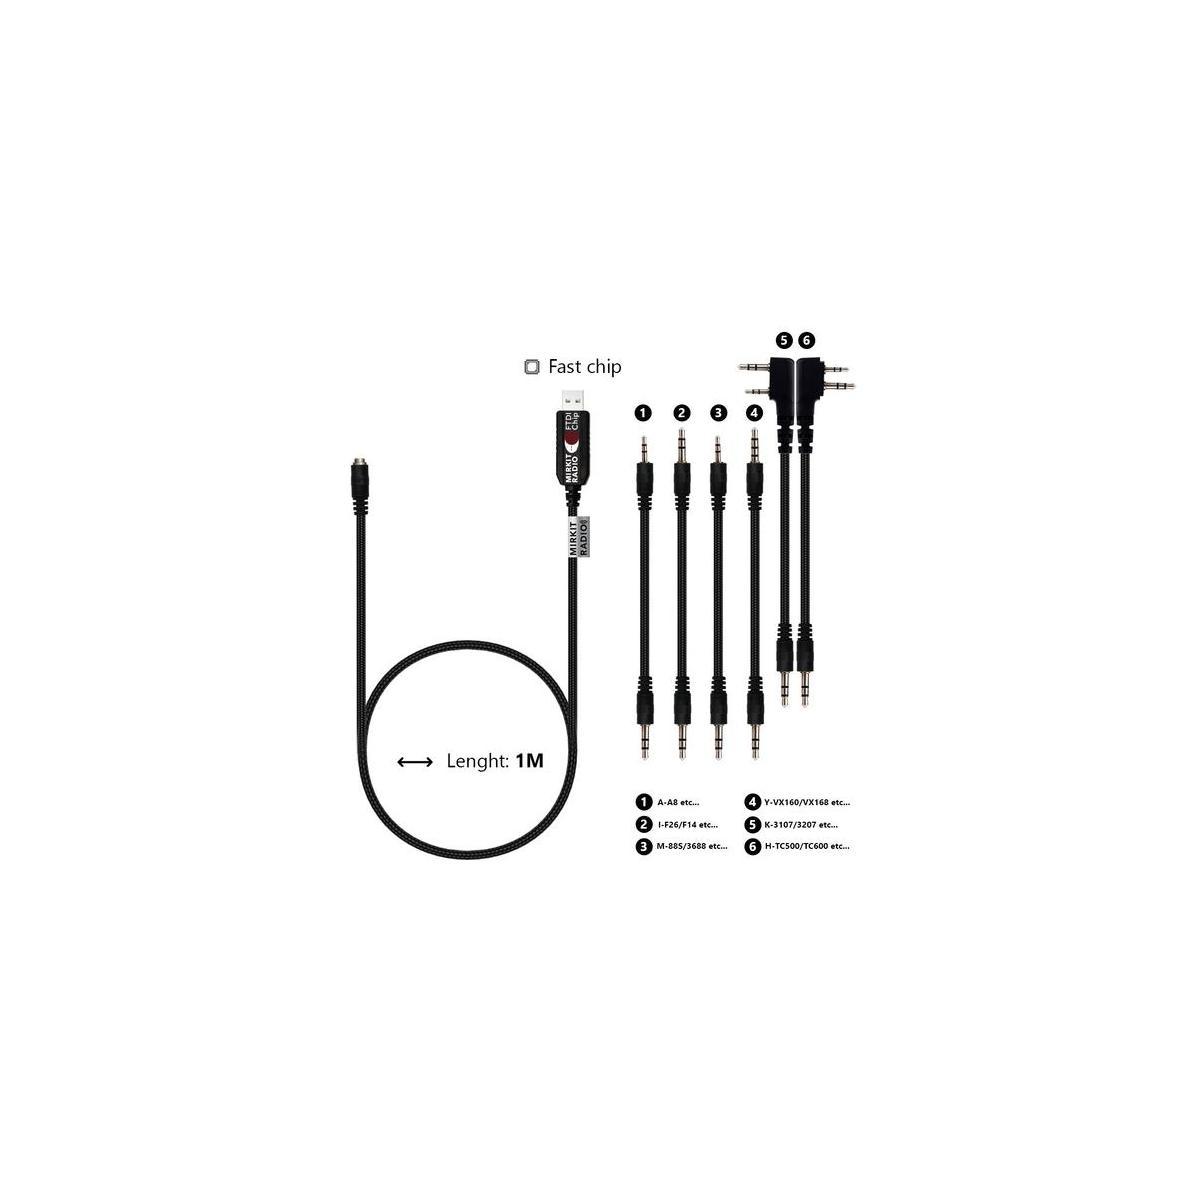 Mirkit Ftdi Usb Model 5 Premium Universal Black Baofeng